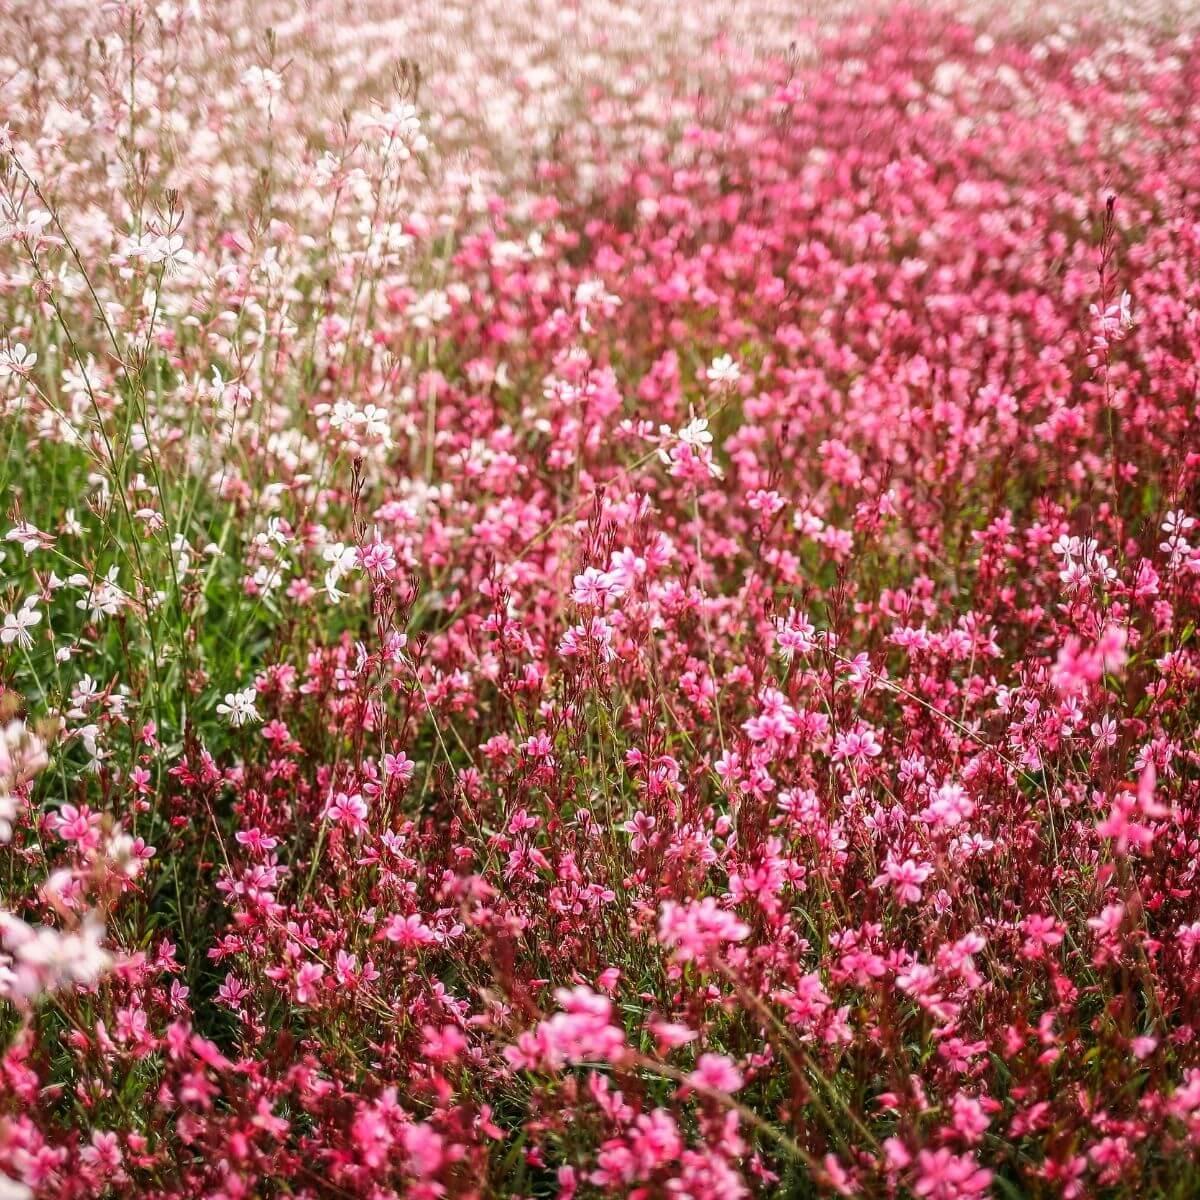 Gaura flower field.